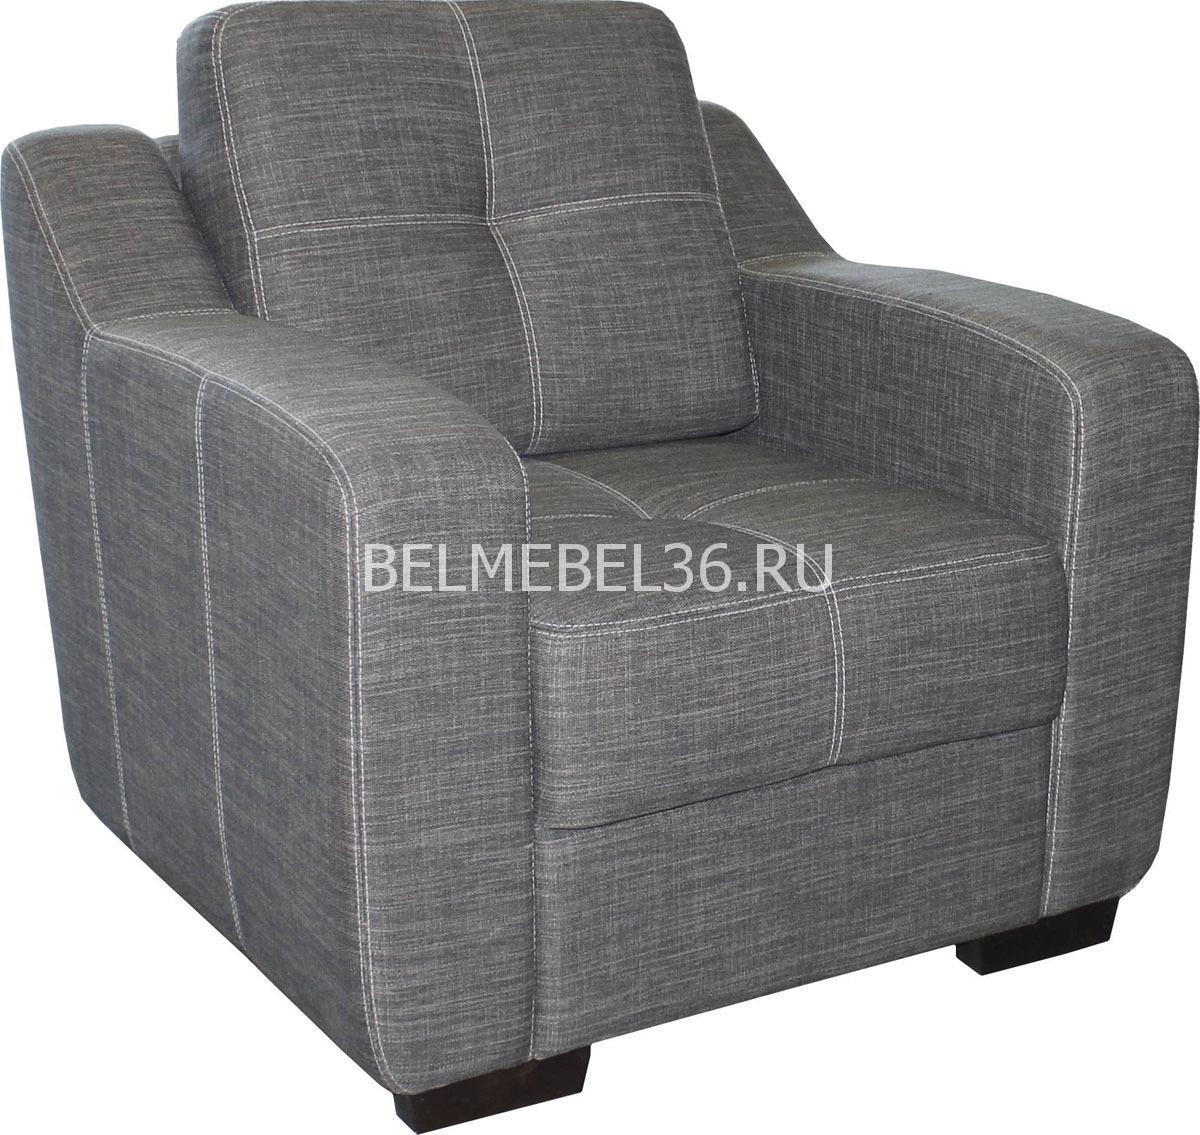 Кресло Инфинити (12) П-Д088 | Белорусская мебель в Воронеже